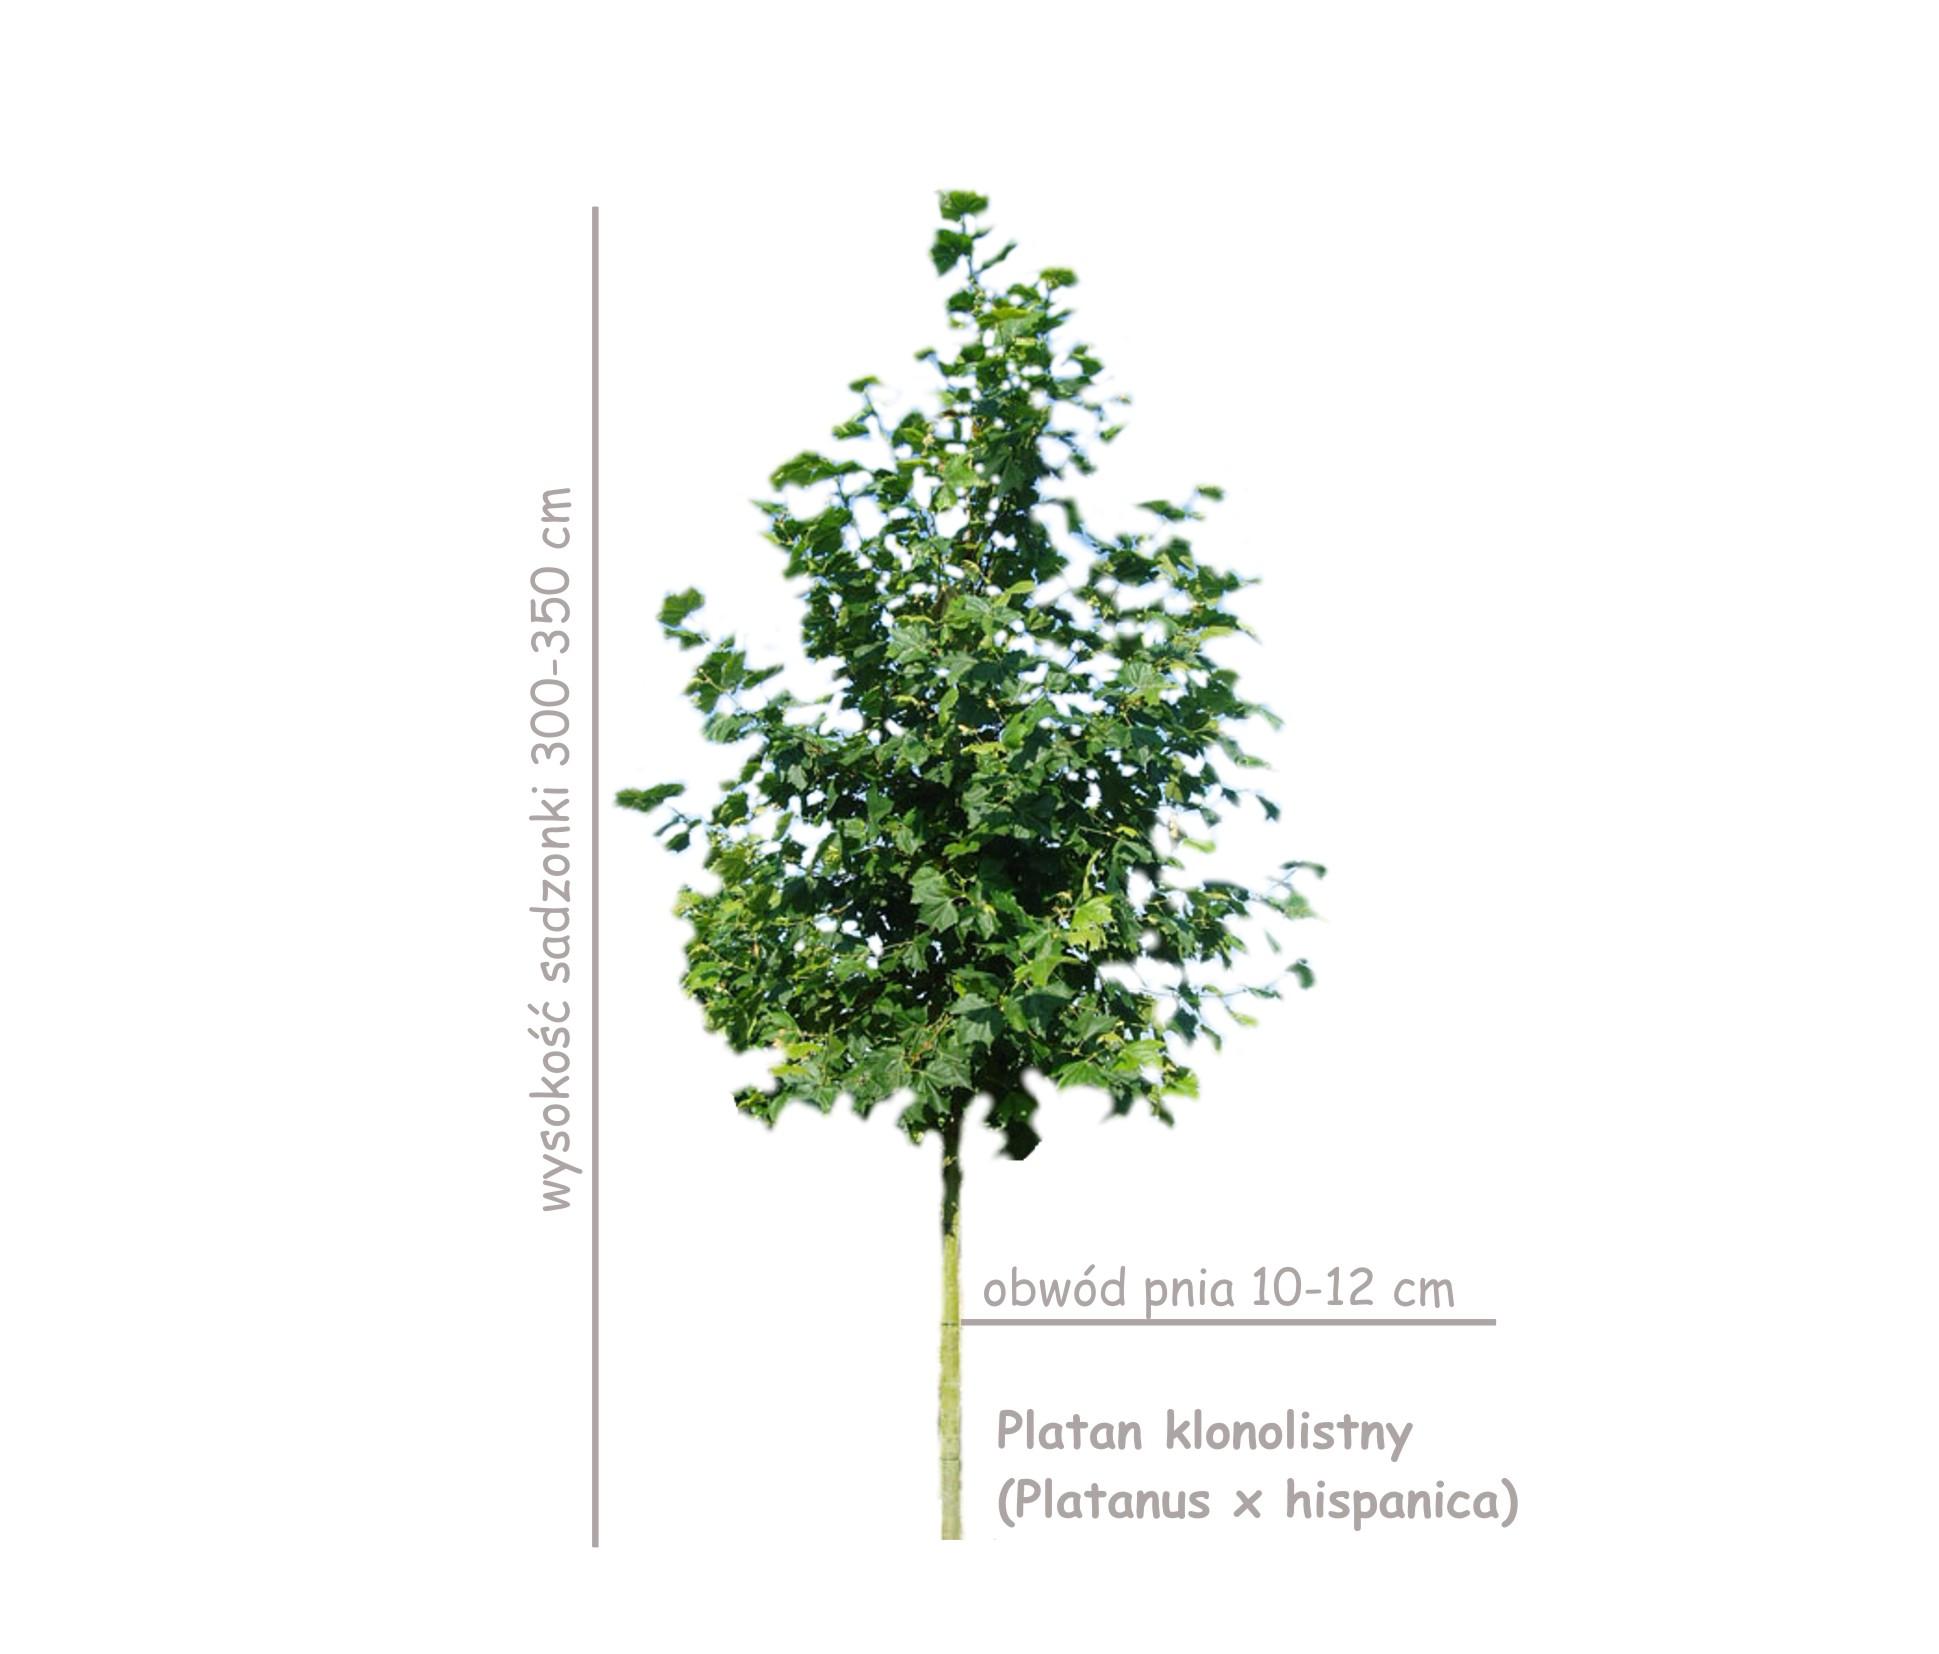 Platan klonolistny, sadzonka o obwodzie 10-12 cm, wysokość 300-350 cm